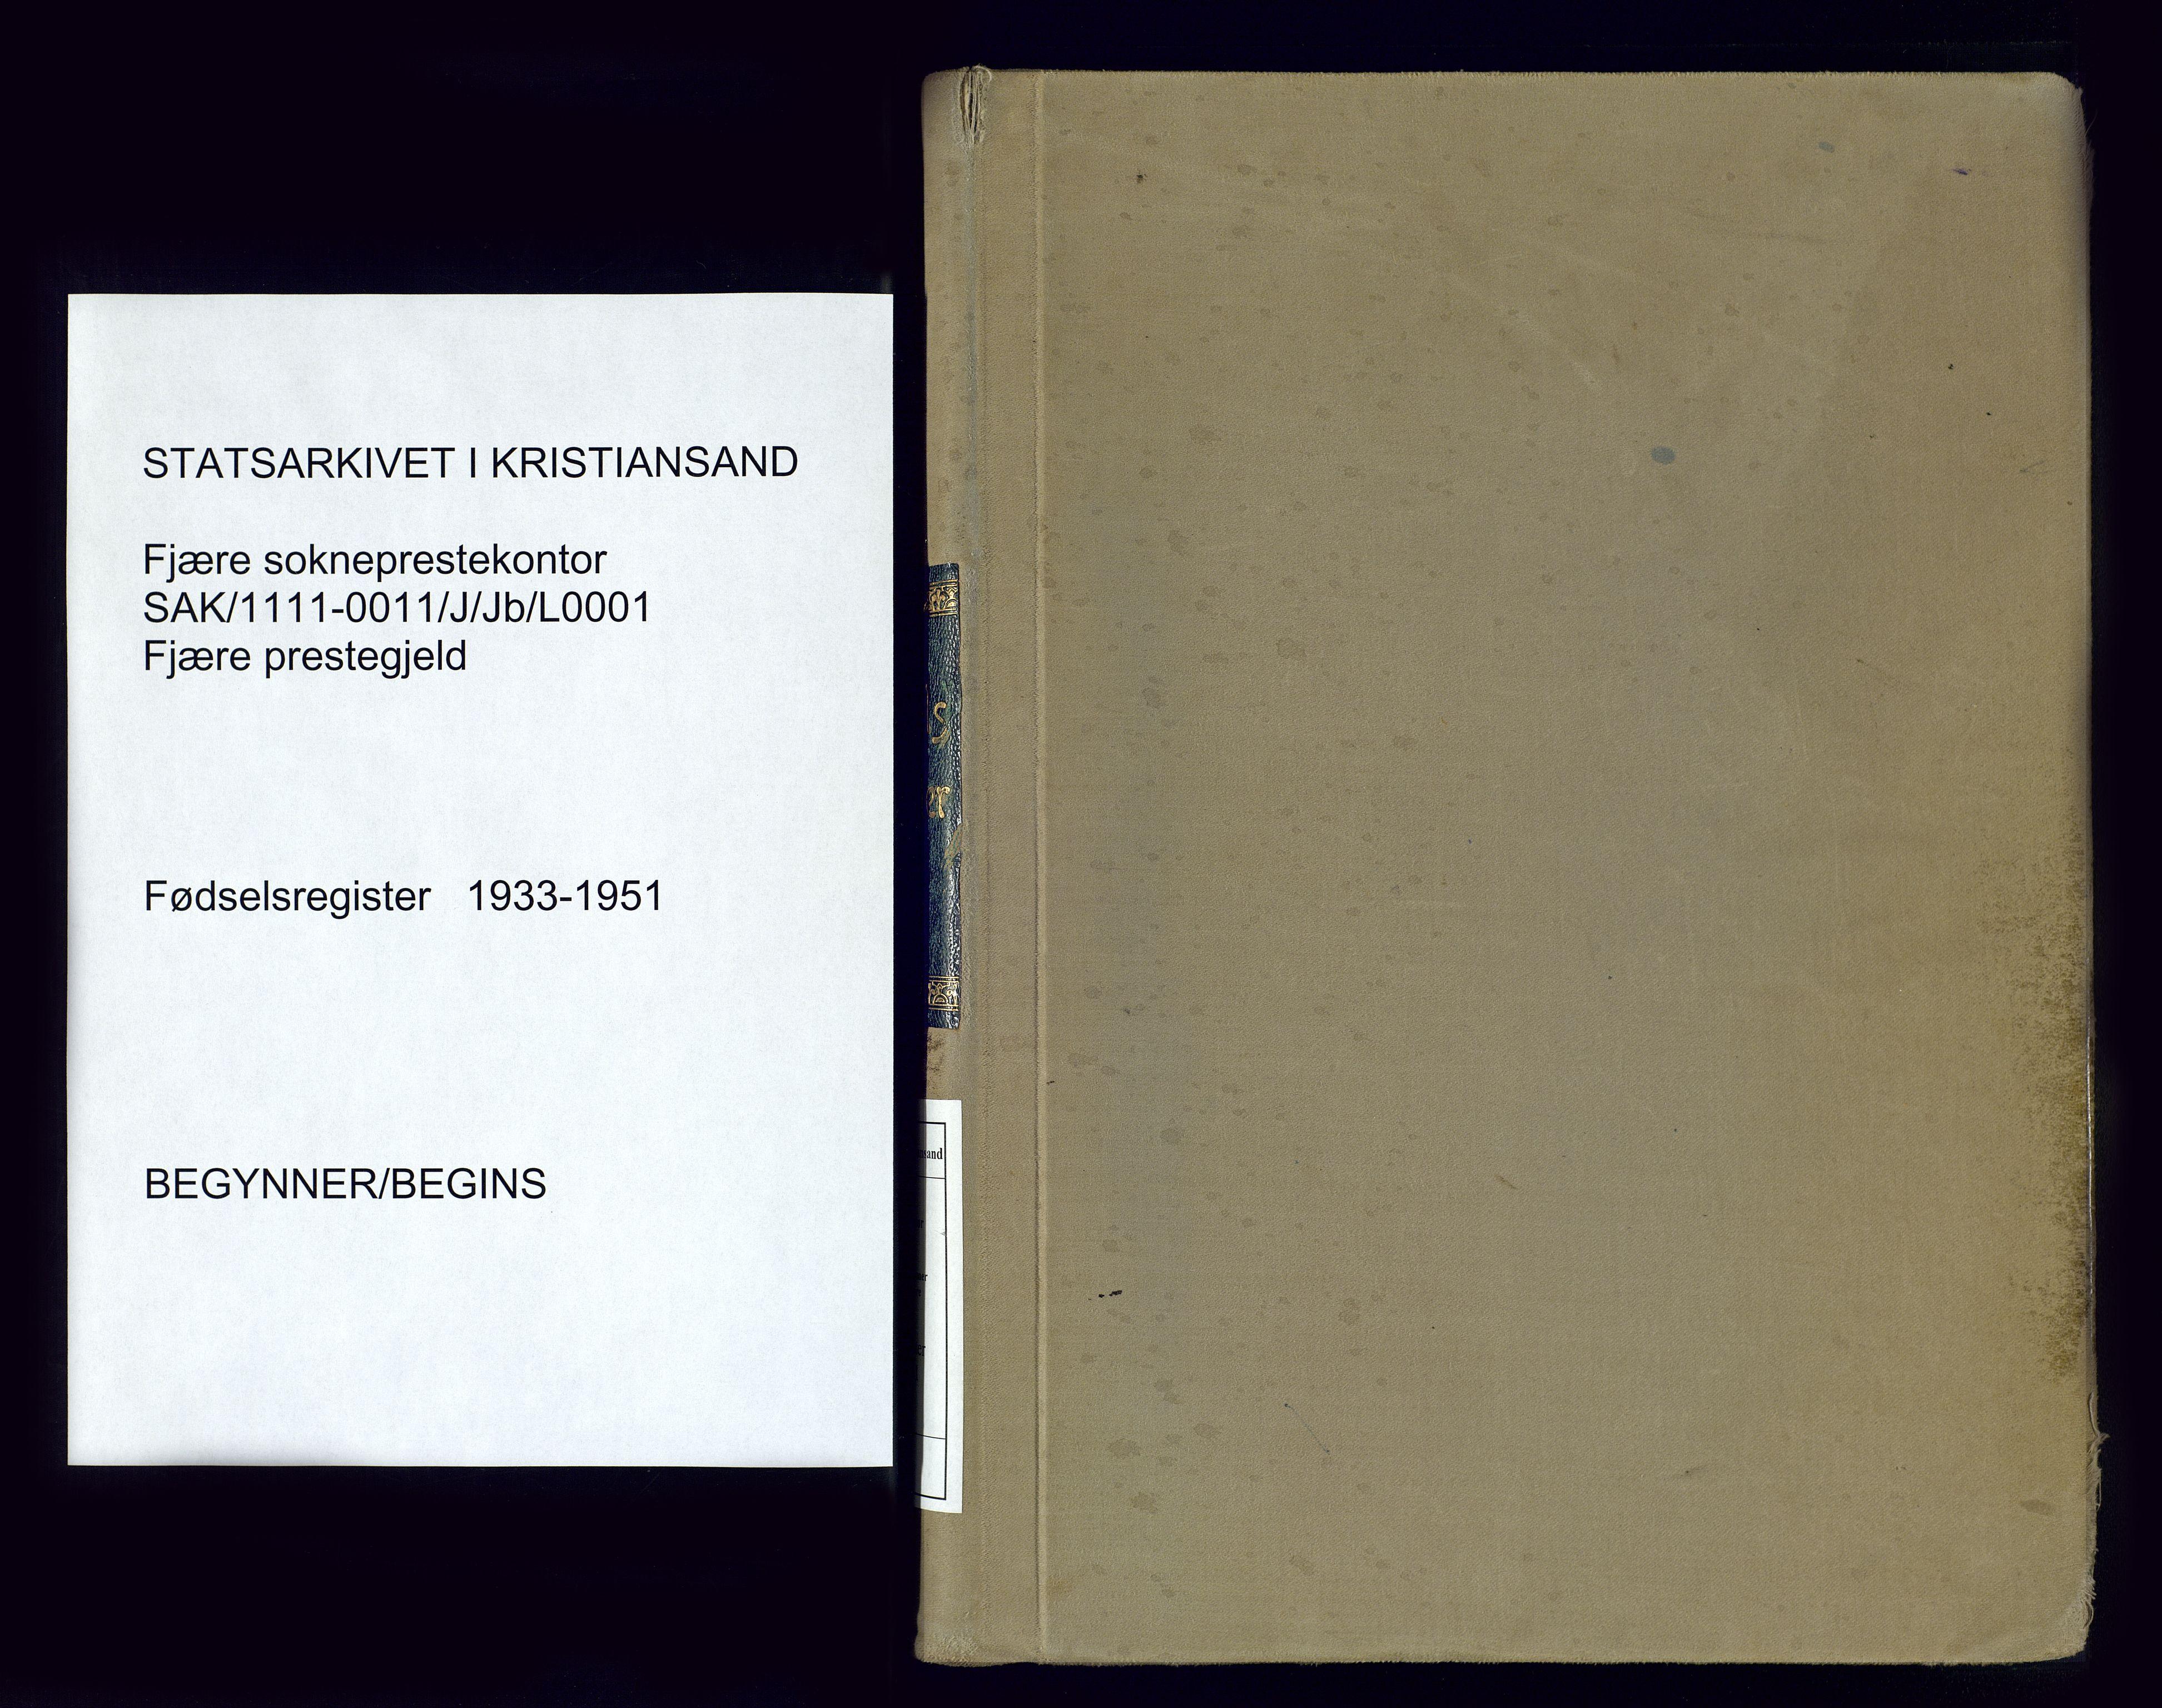 SAK, Fjære sokneprestkontor, J/Jb/L0001: Fødselsregister nr. 1, 1933-1951